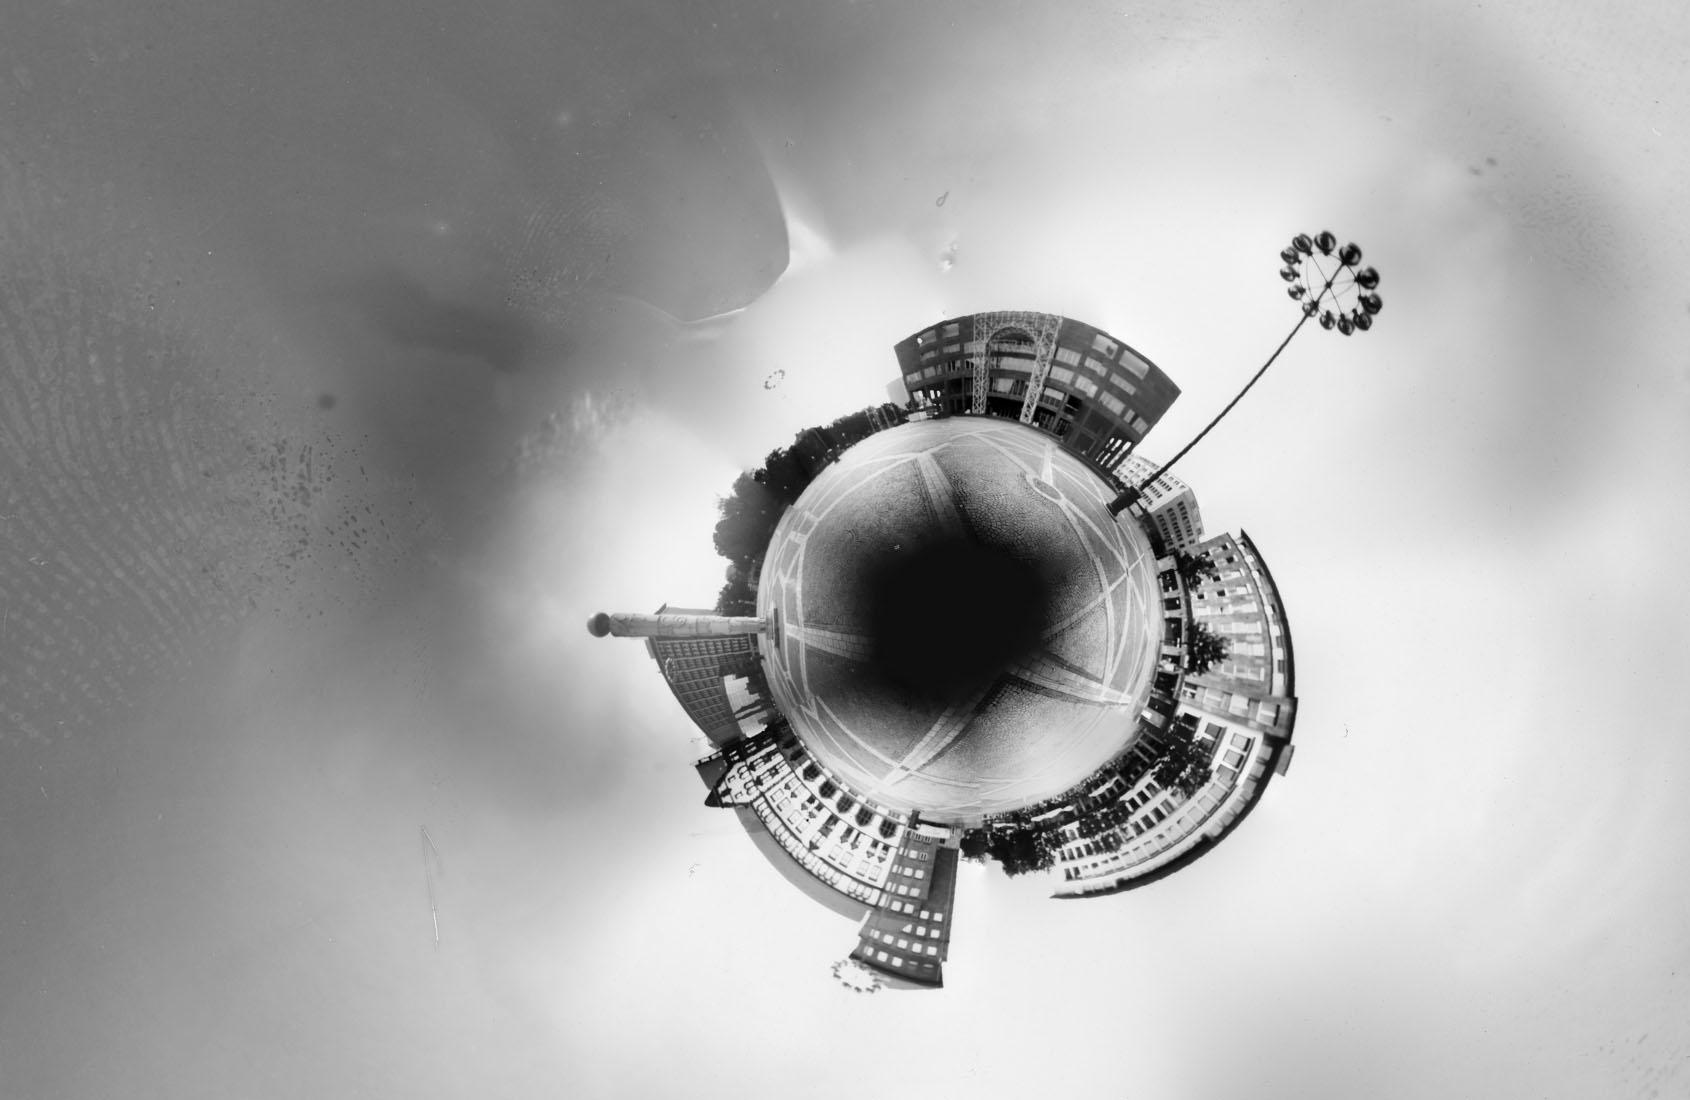 Friedensplatz, Dortmund Kleiner Planet, Lochkamera Fotografie